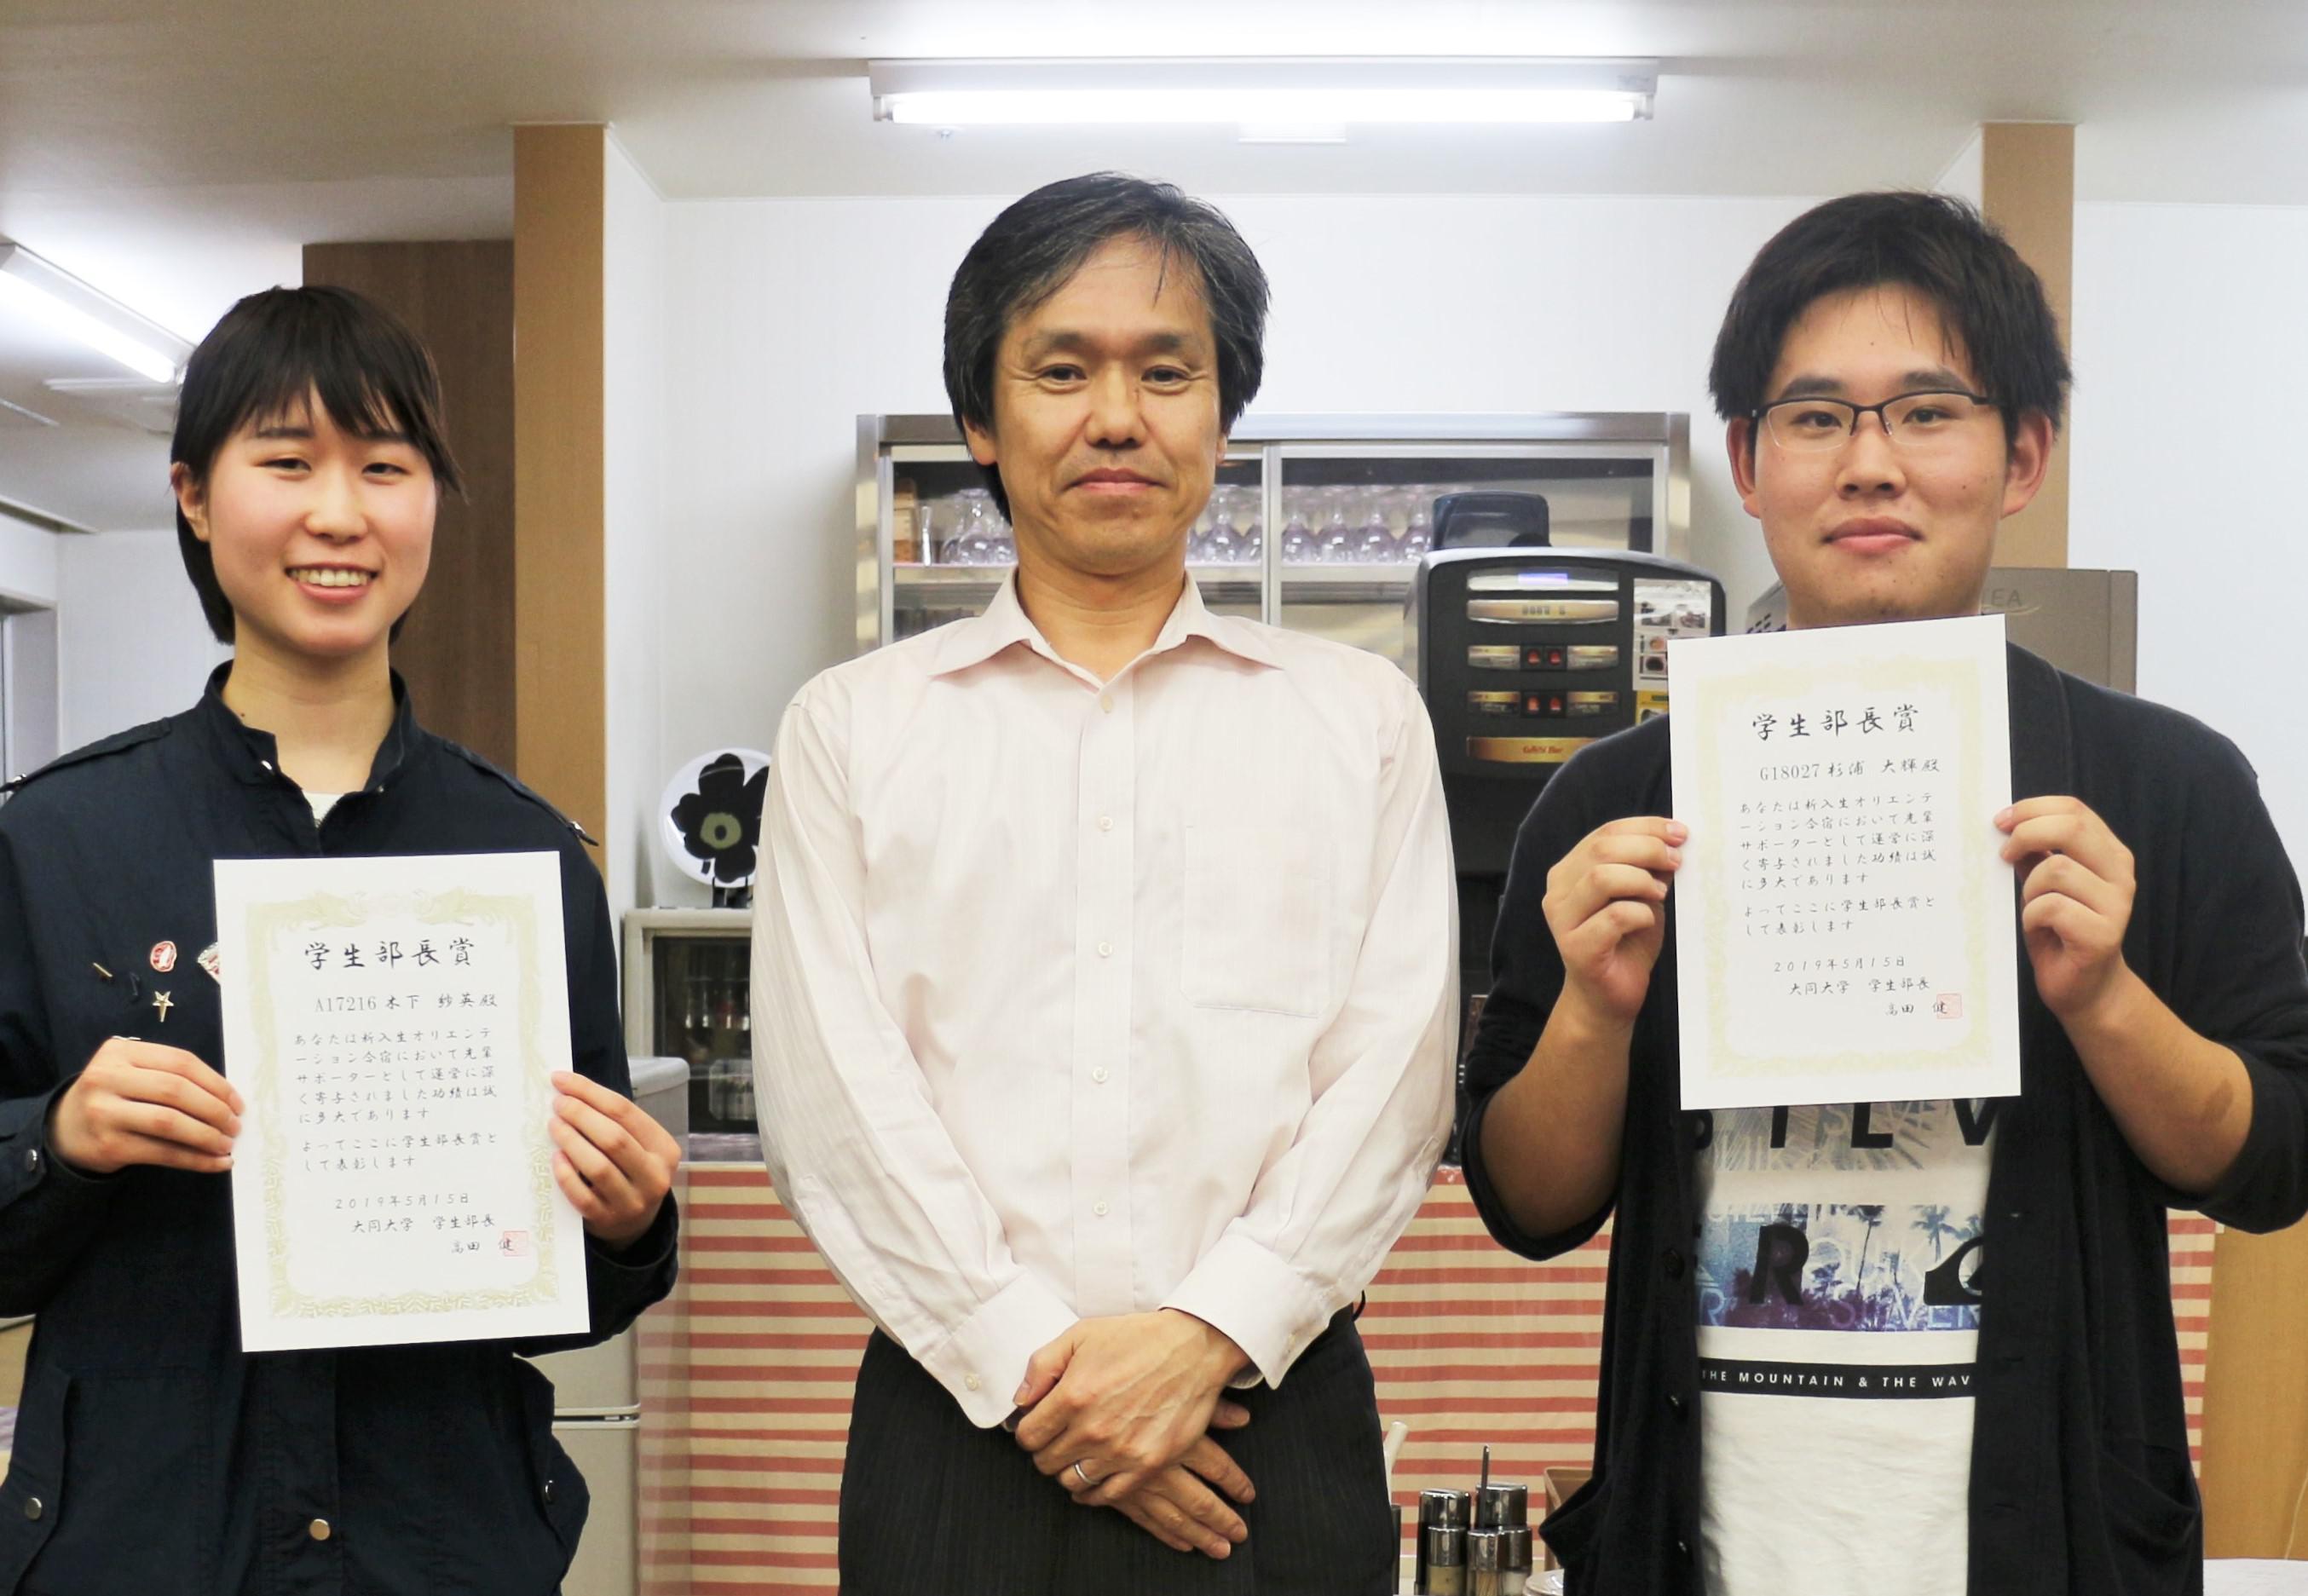 学生部長賞を受賞した木下さん(左)、杉浦さん(右)